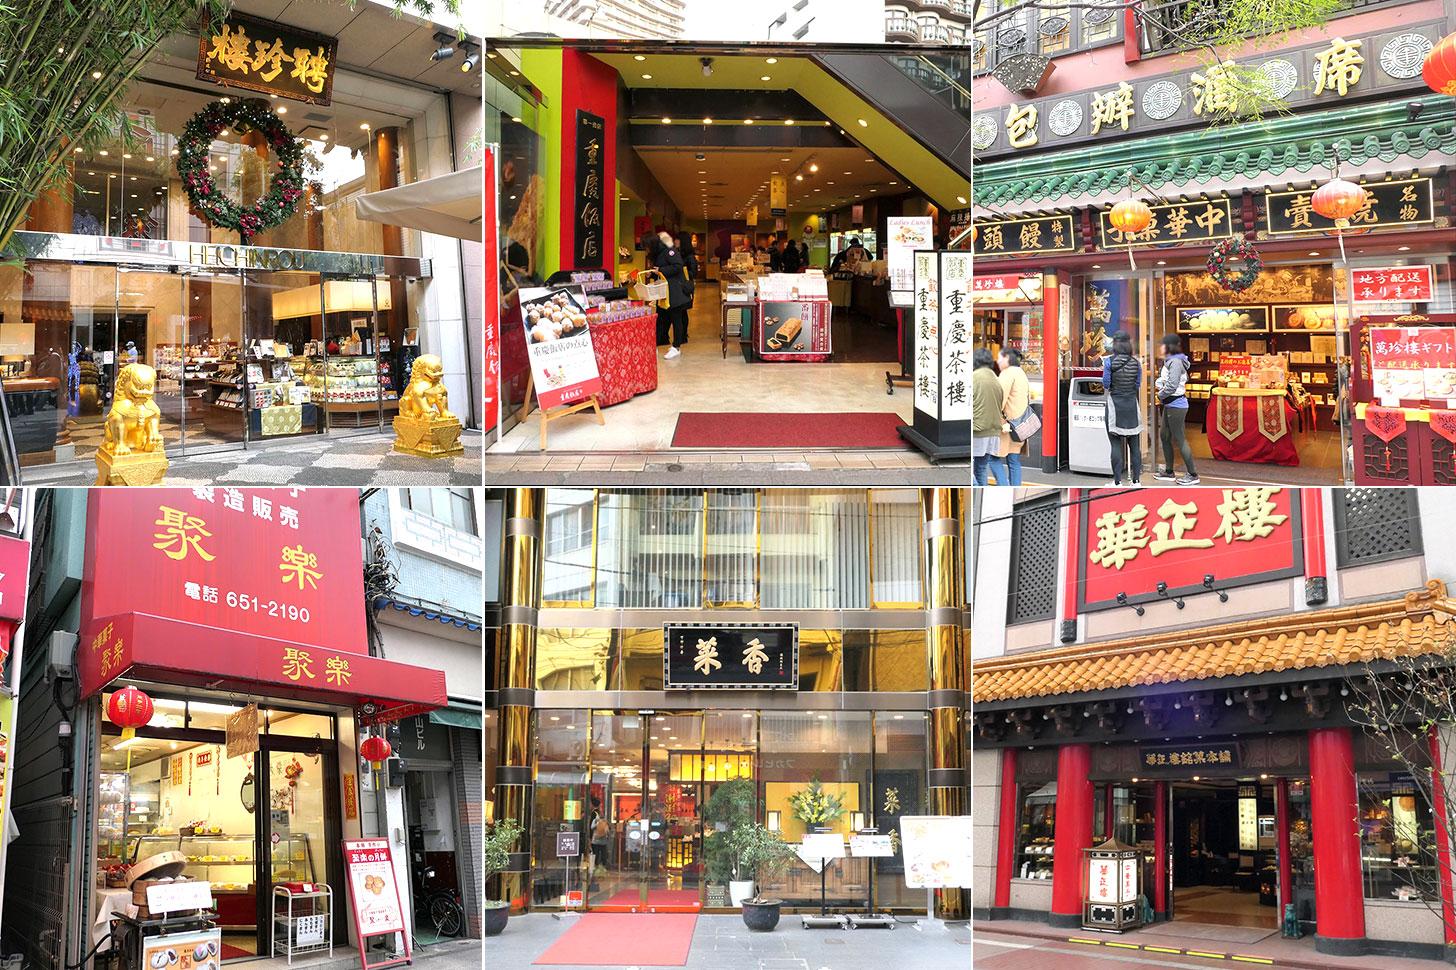 横浜中華街 老舗・名店のお土産店14選 菓子・グルメ・中国茶